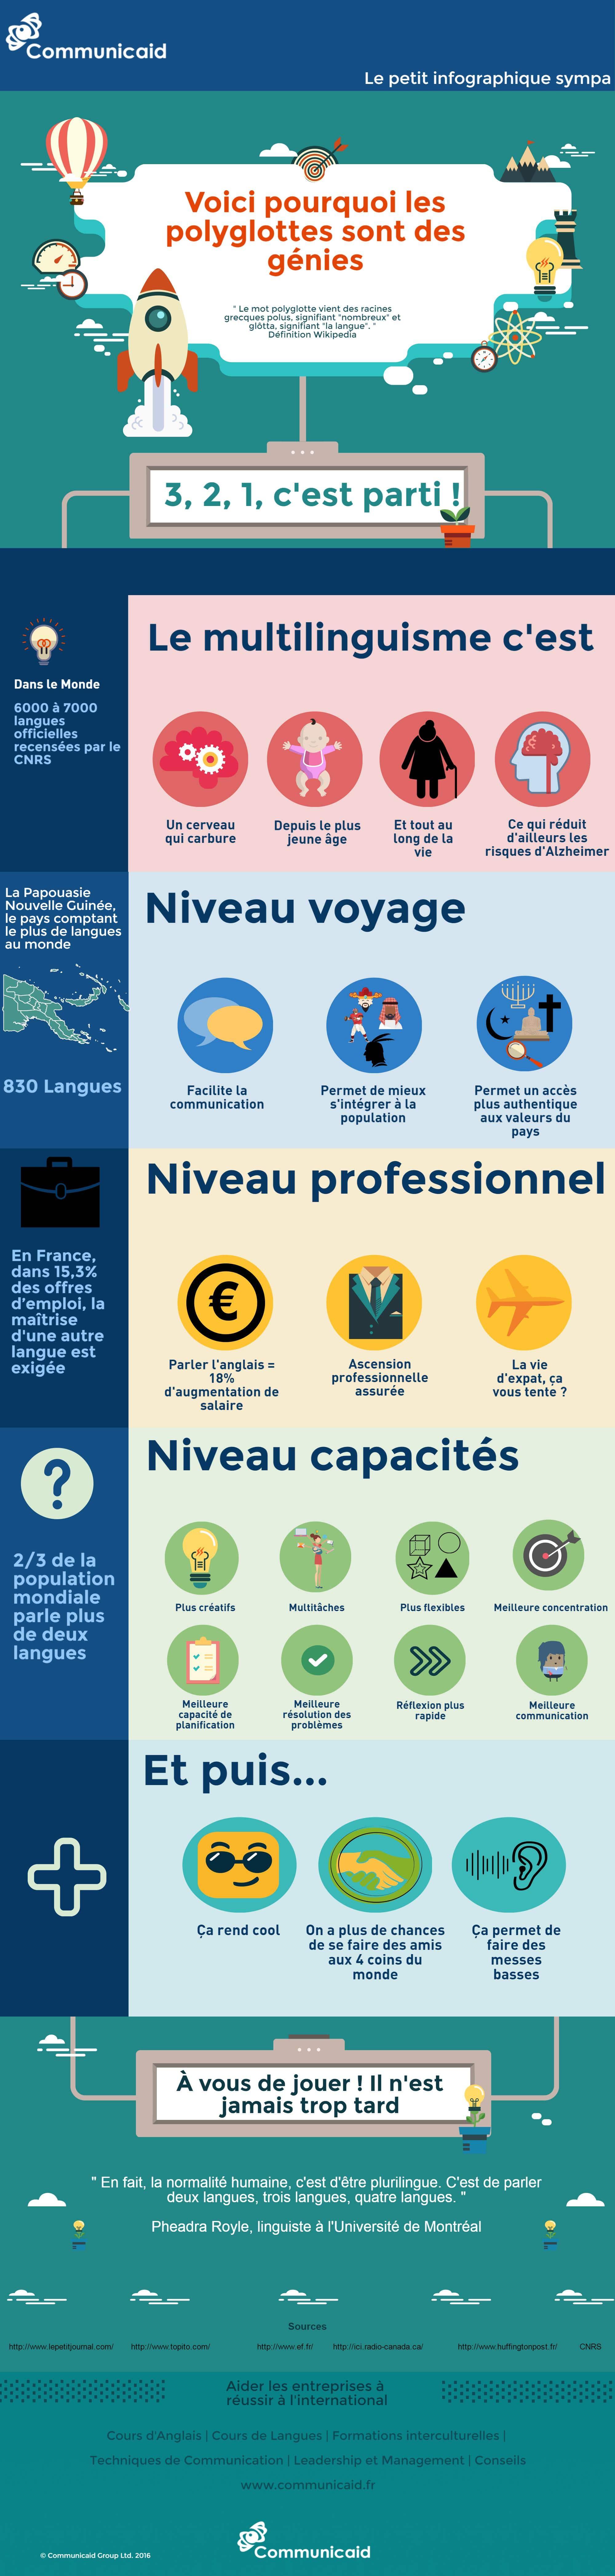 """Infographie: """"Voici pourquoi les polyglottes sont des génies"""""""